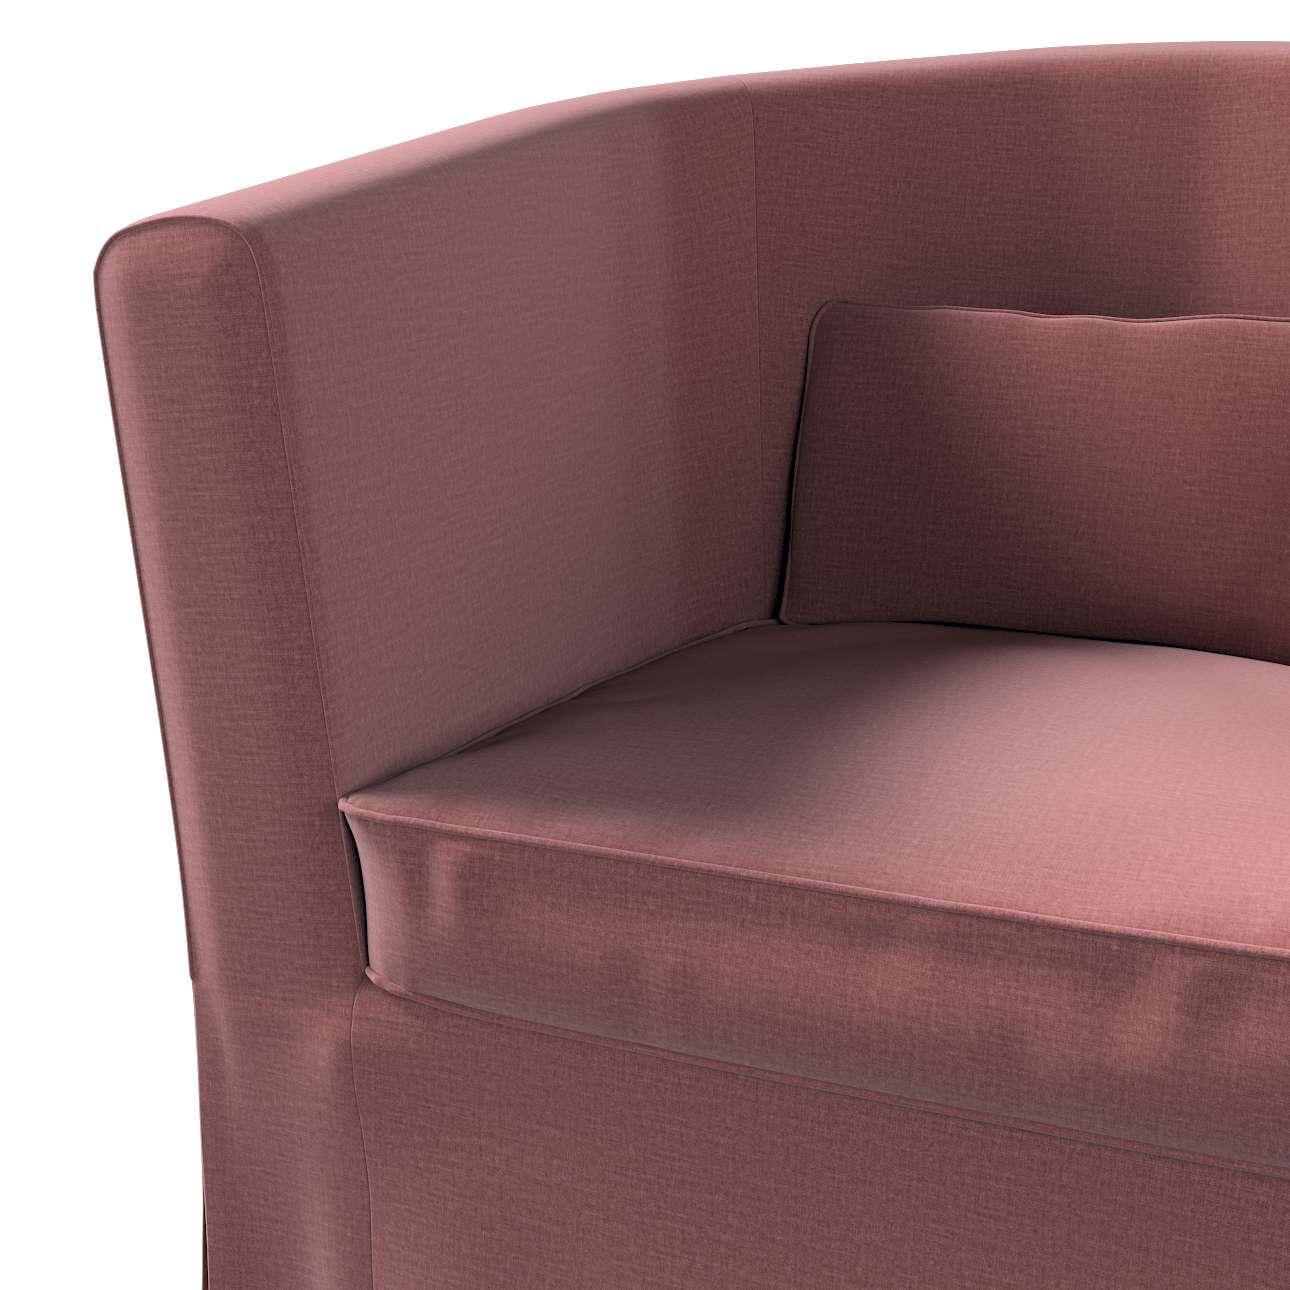 Pokrowiec na fotel Ektorp Tullsta w kolekcji Ingrid, tkanina: 705-38